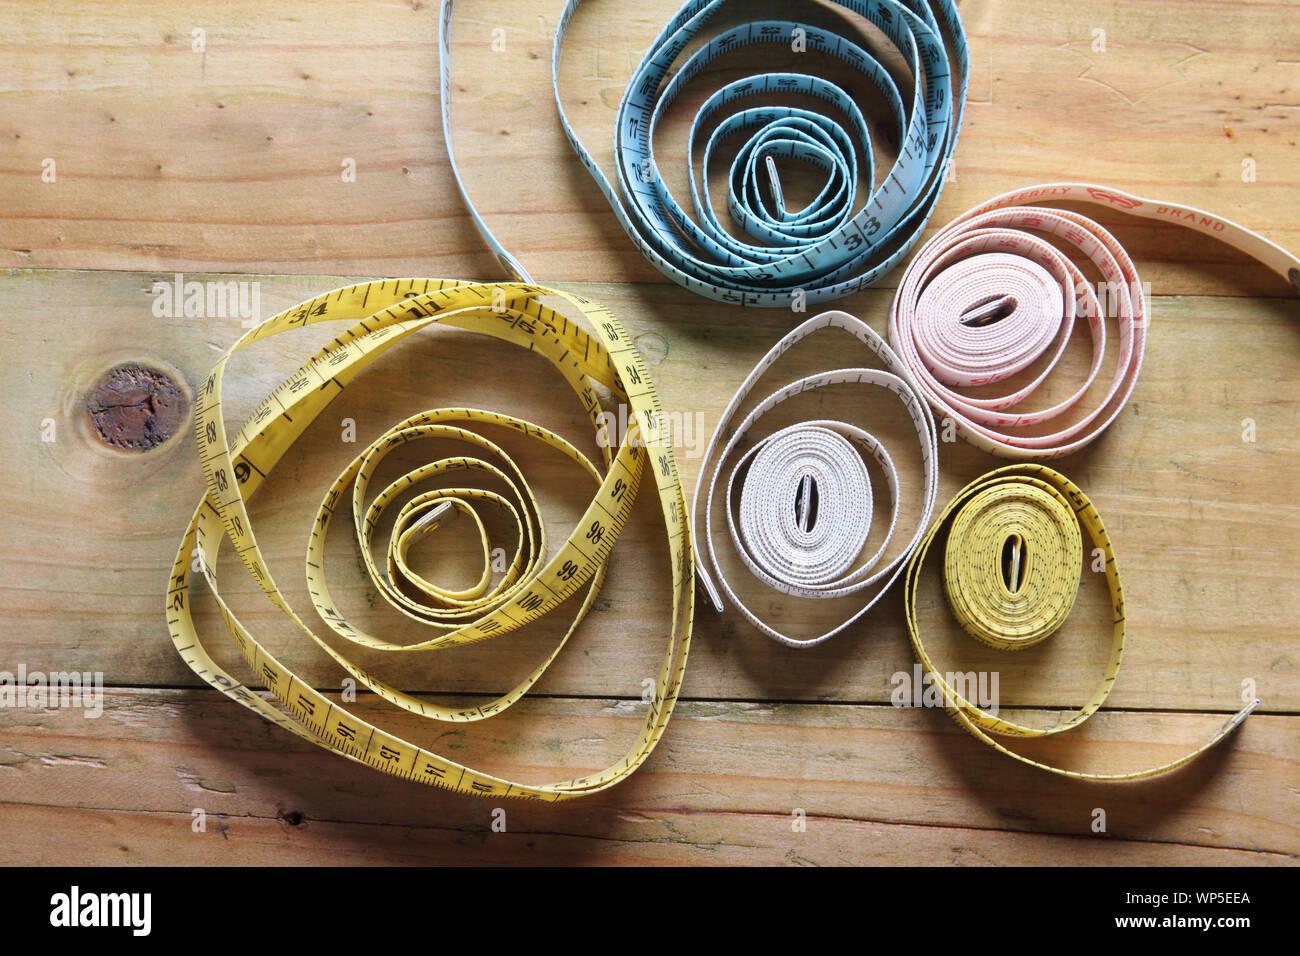 Las medidas de longitud de cinta sobre fondo de madera Foto de stock